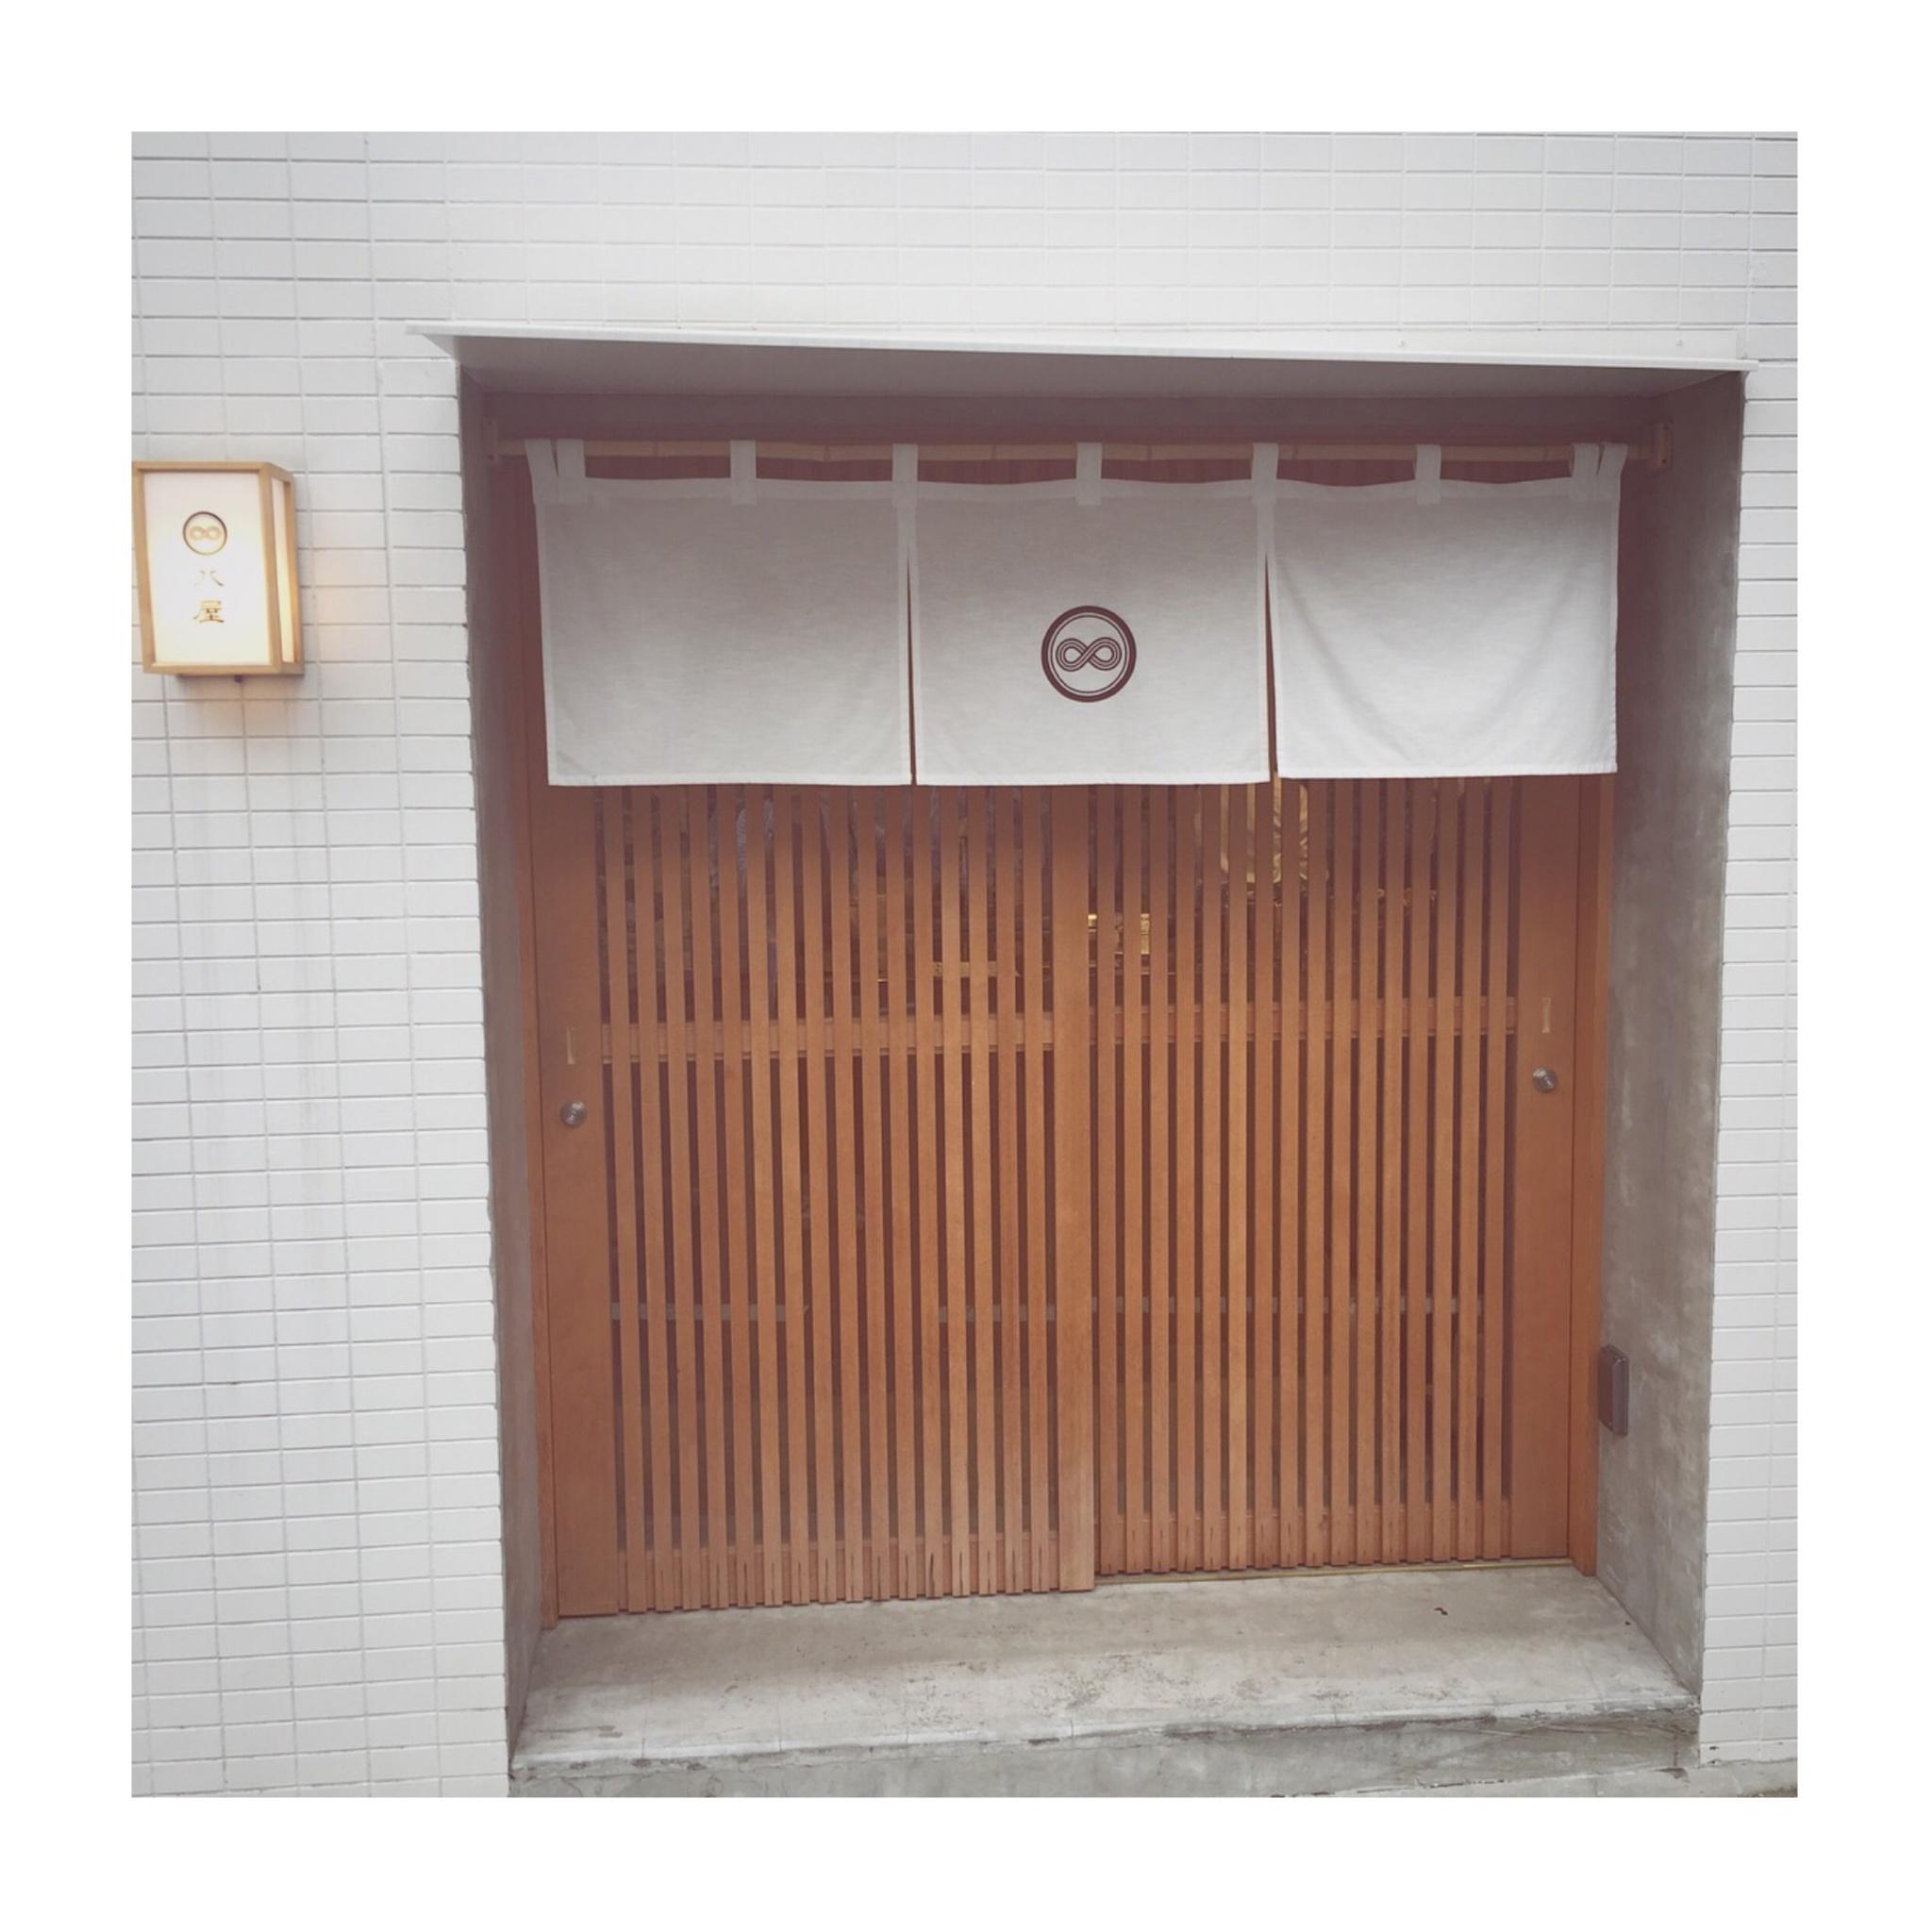 #9【#cafestagram】❤️:《代官山》の日本茶スタンドカフェ「八屋」で和モダンなカフェタイムを☻♡!_1